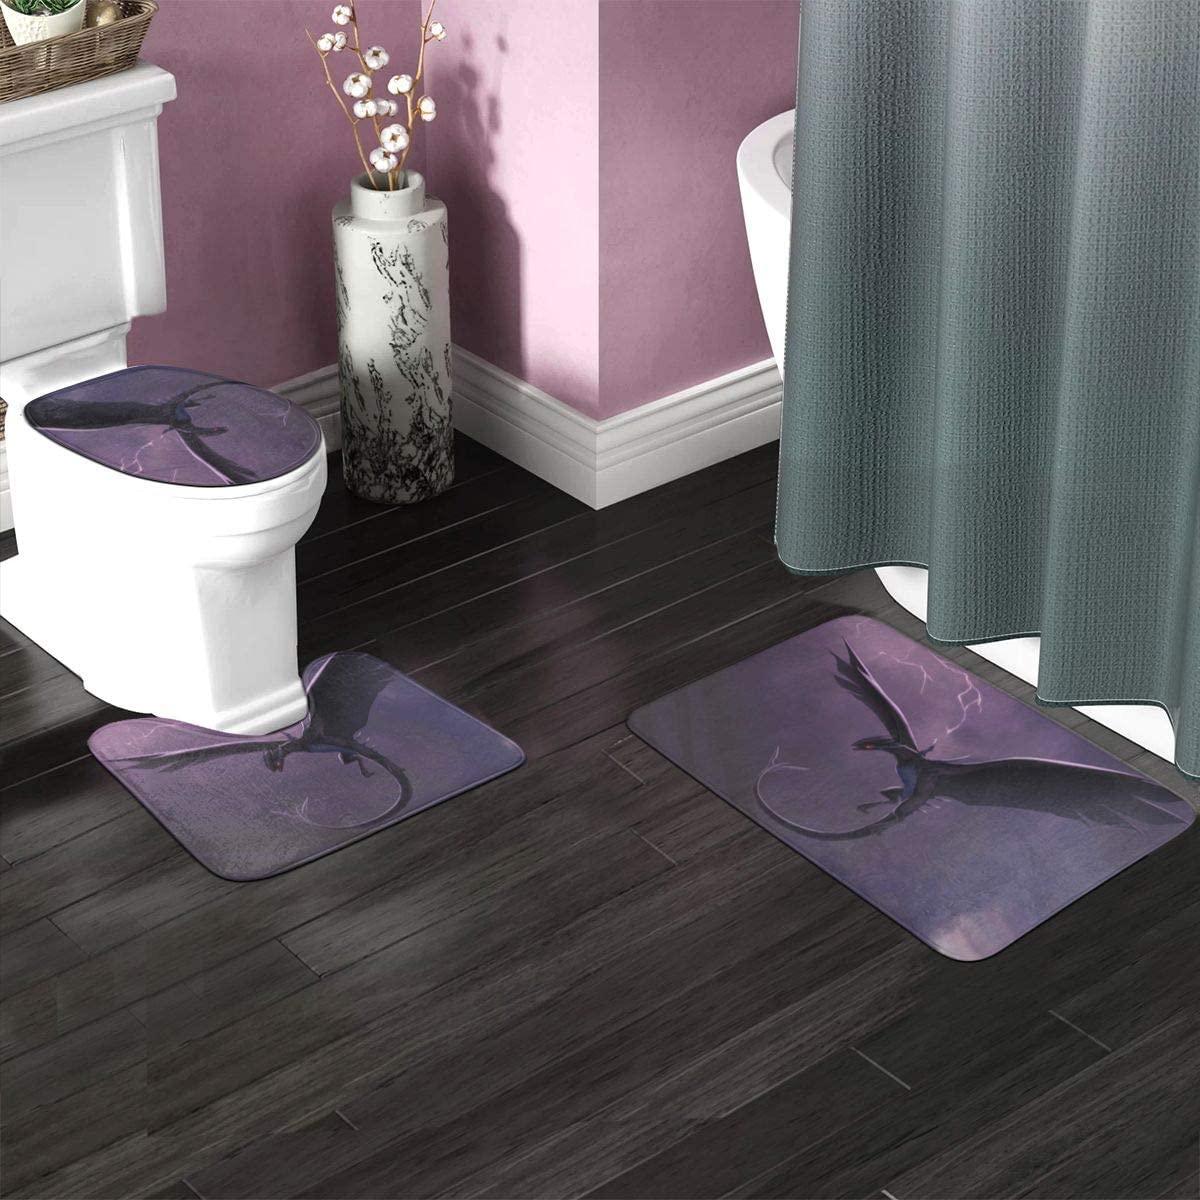 3 Pieces Bathroom Rug Set 35.4